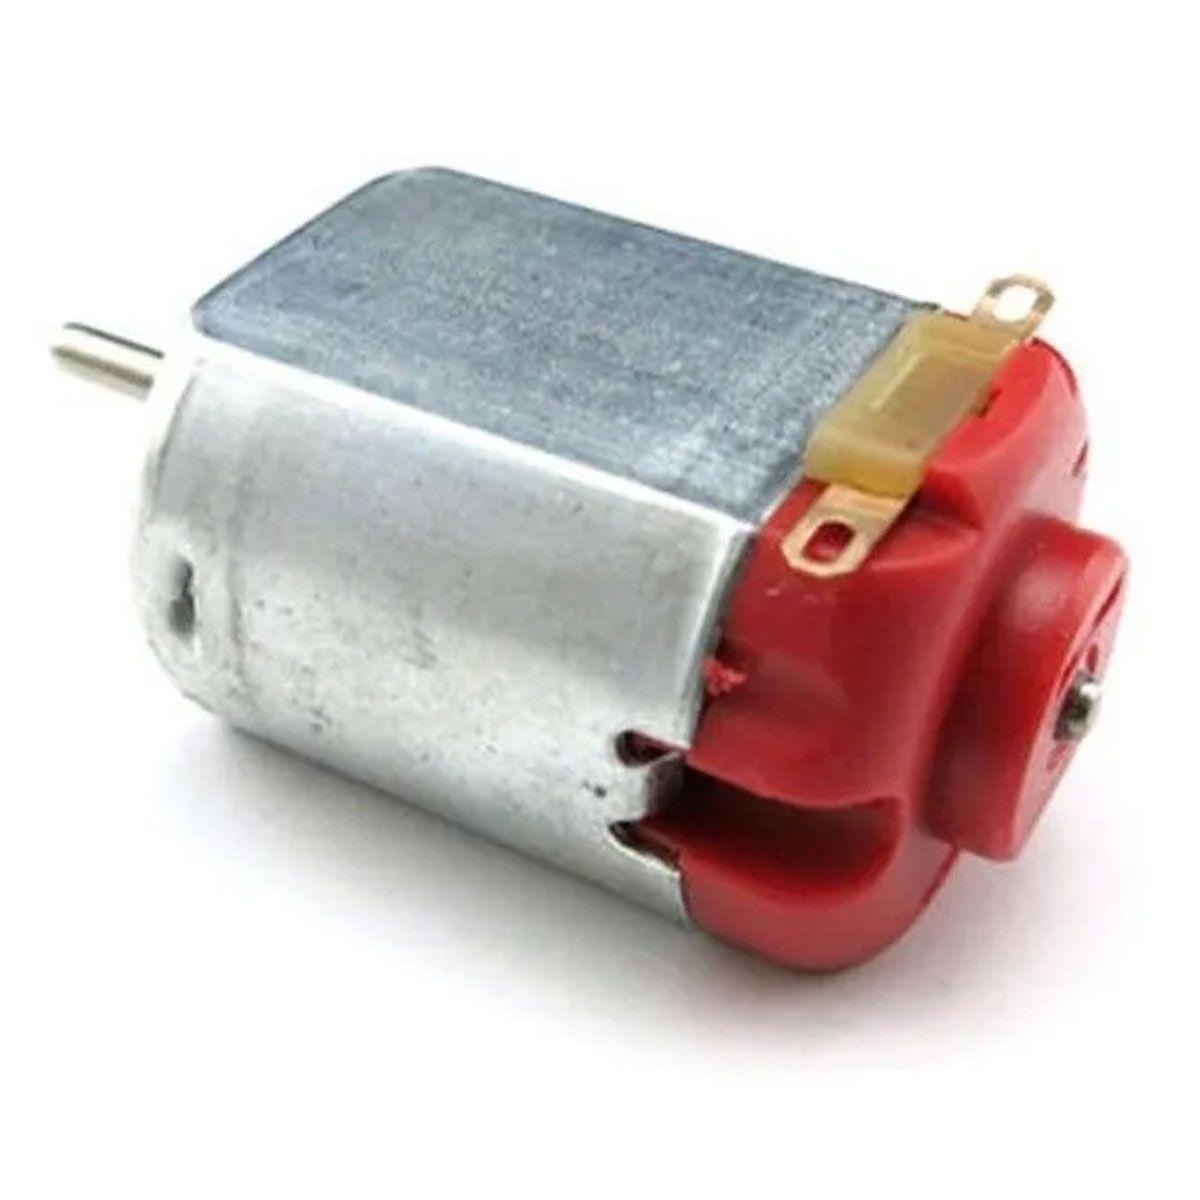 Mini Motor DC 3v a 6v sem Redução - Vermelho